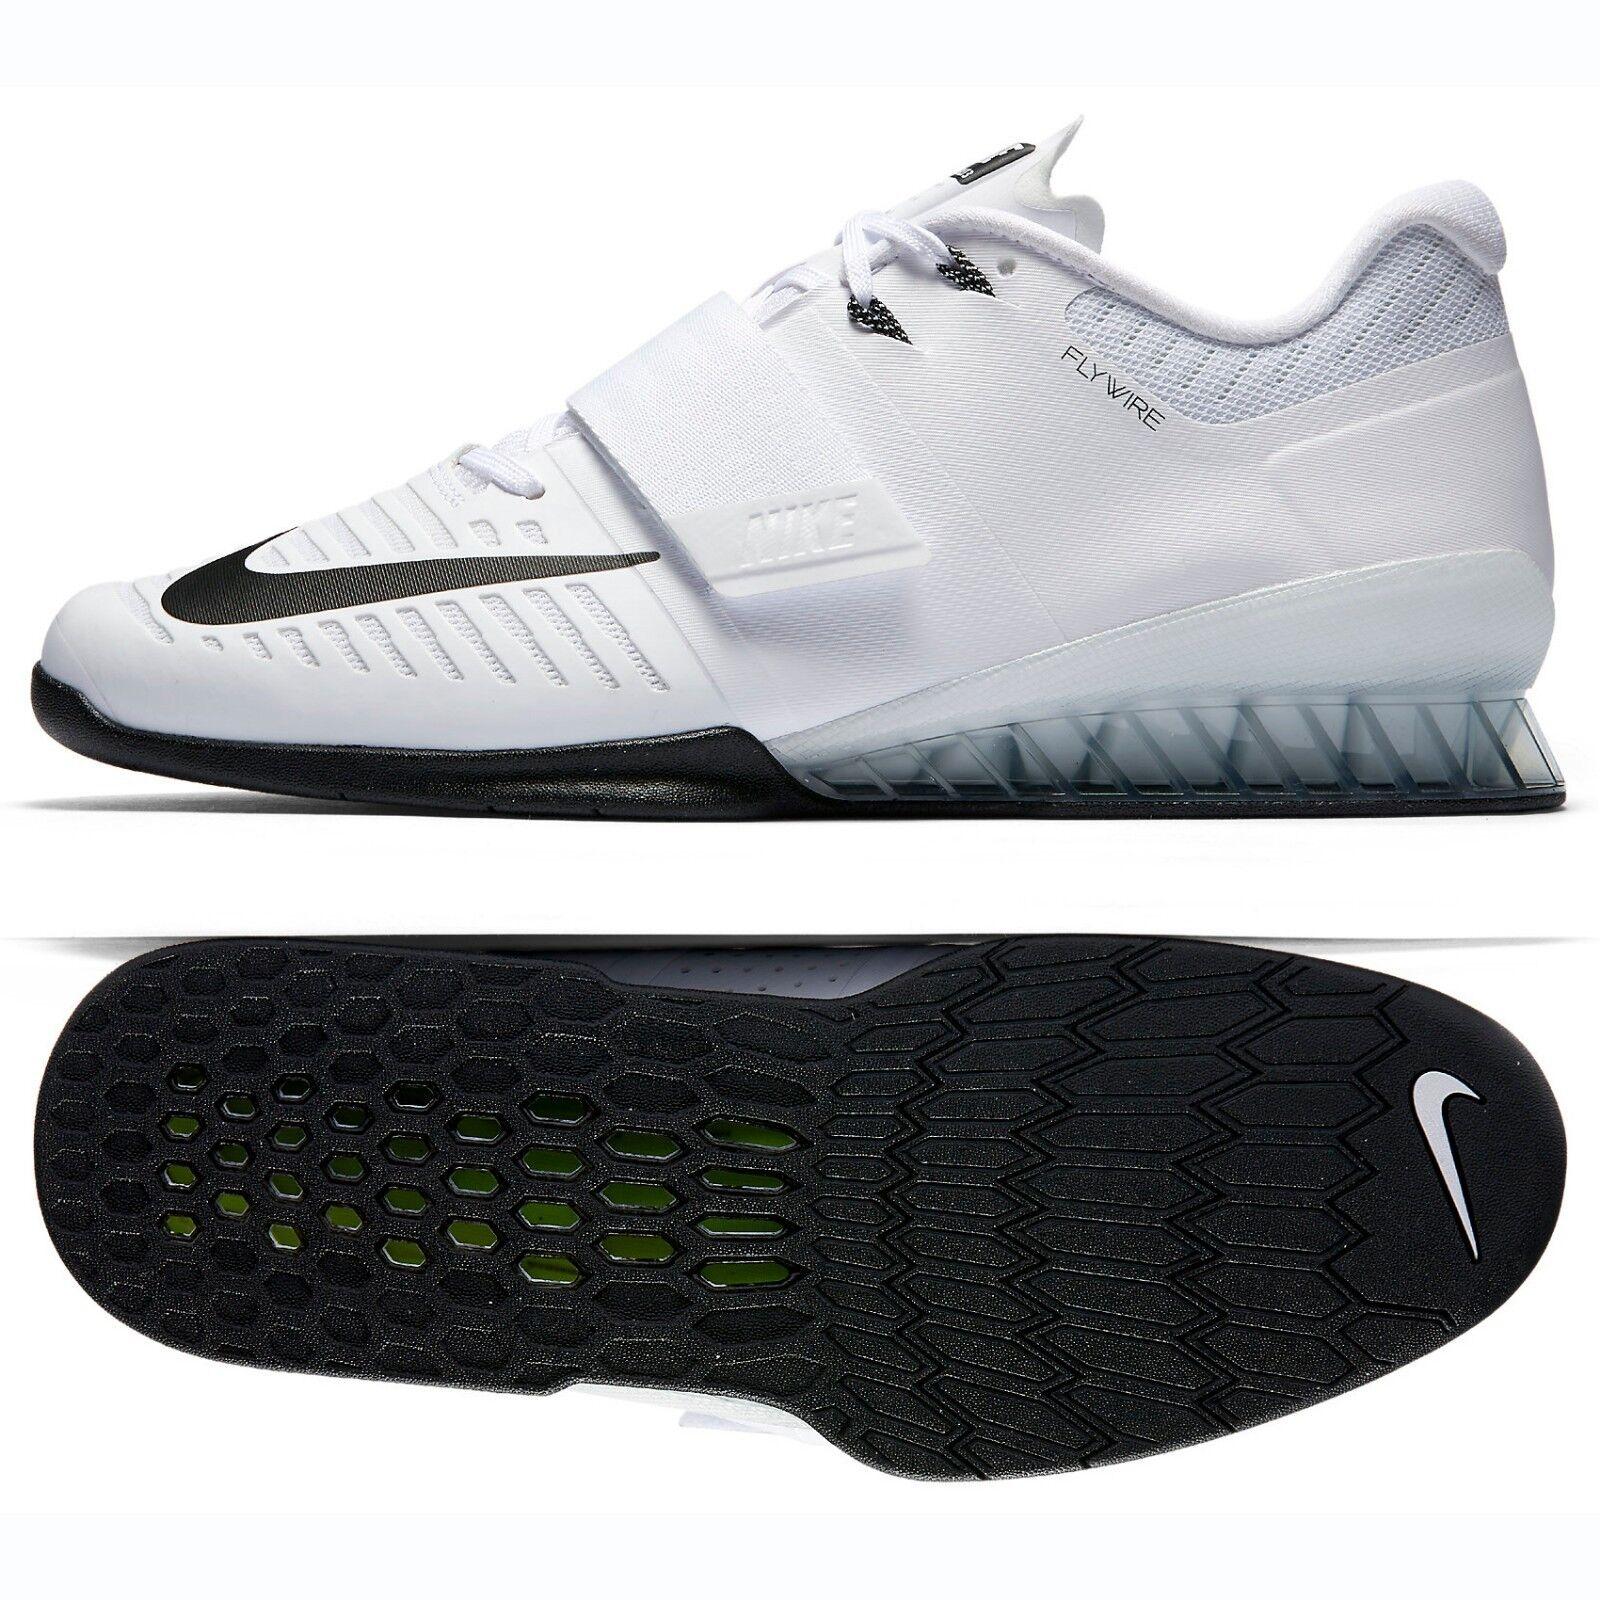 Nike romaleos 3 852933-100 bianco / pelle nera crossfit uomini scarpe di sollevamento pesi